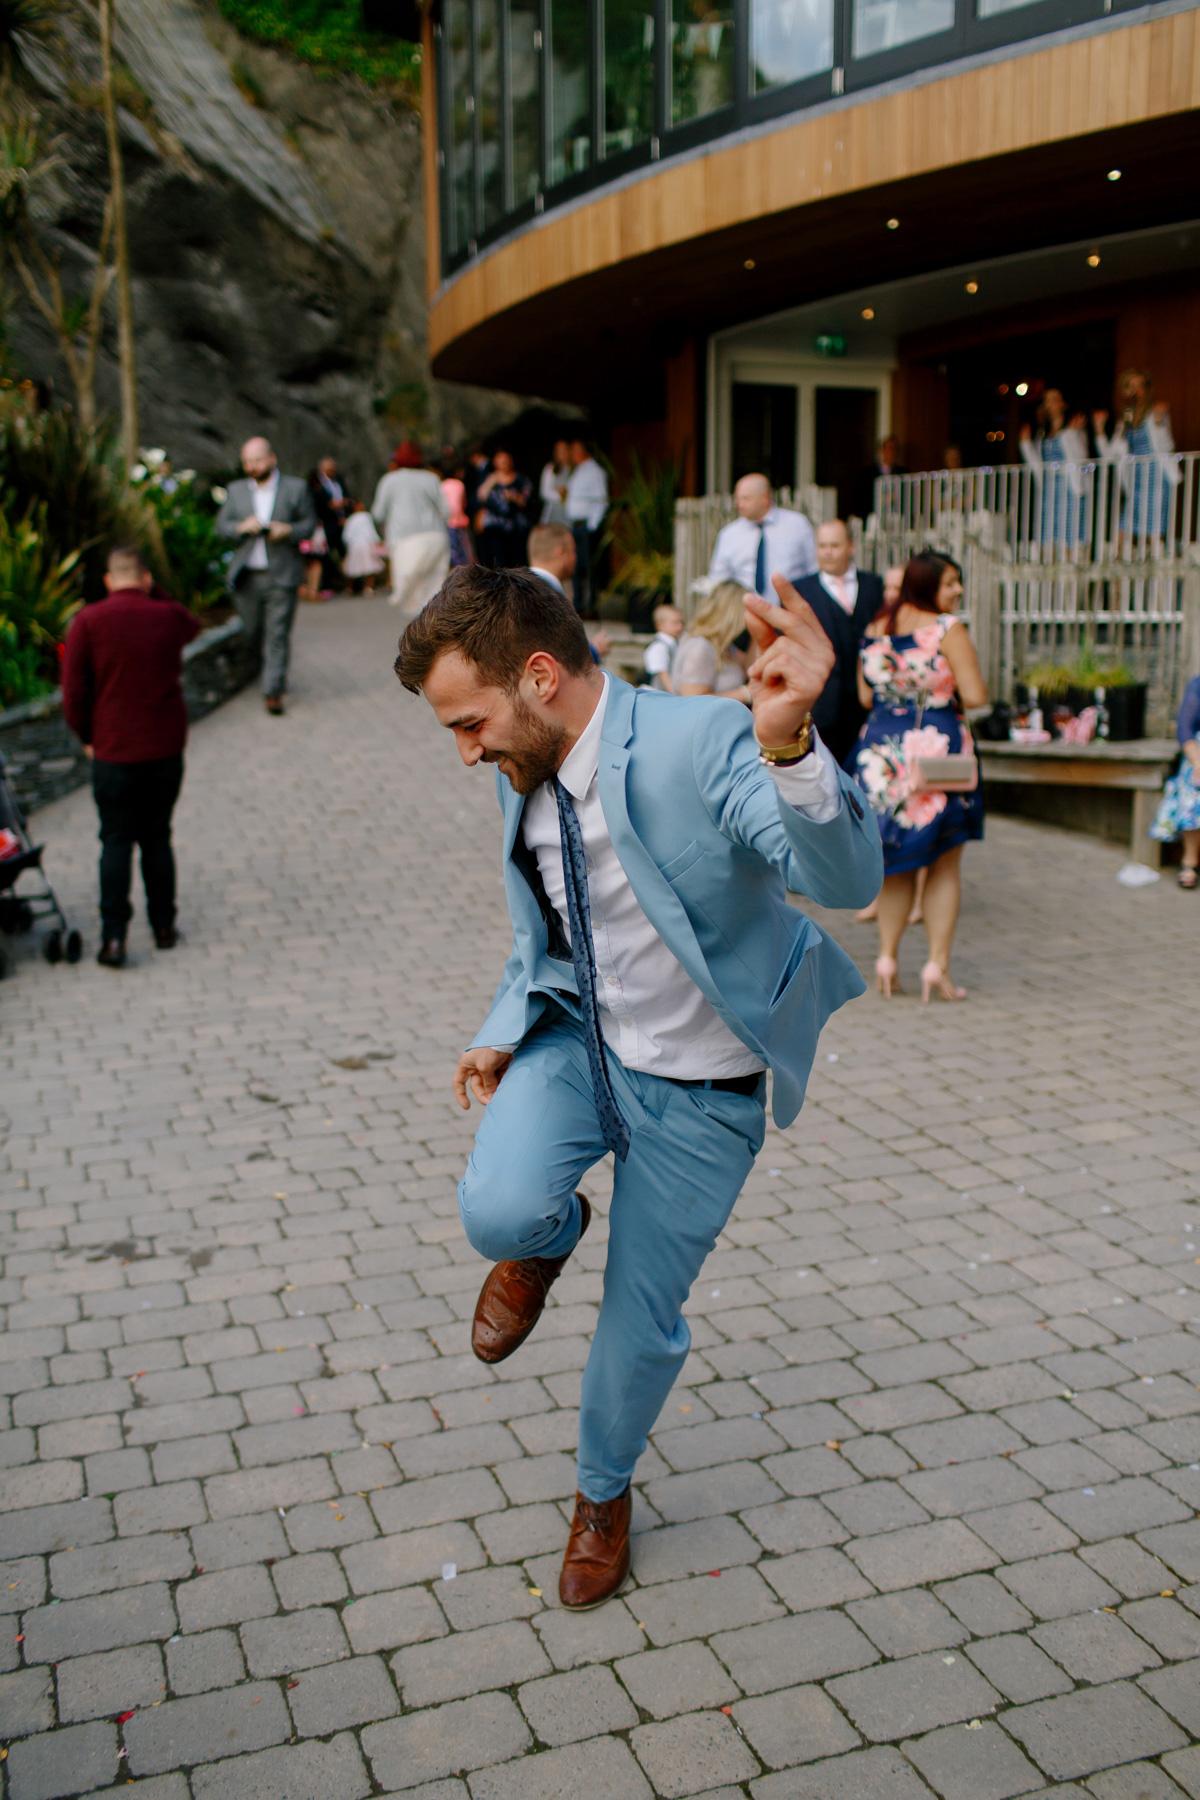 guest dances at wedding in Devon